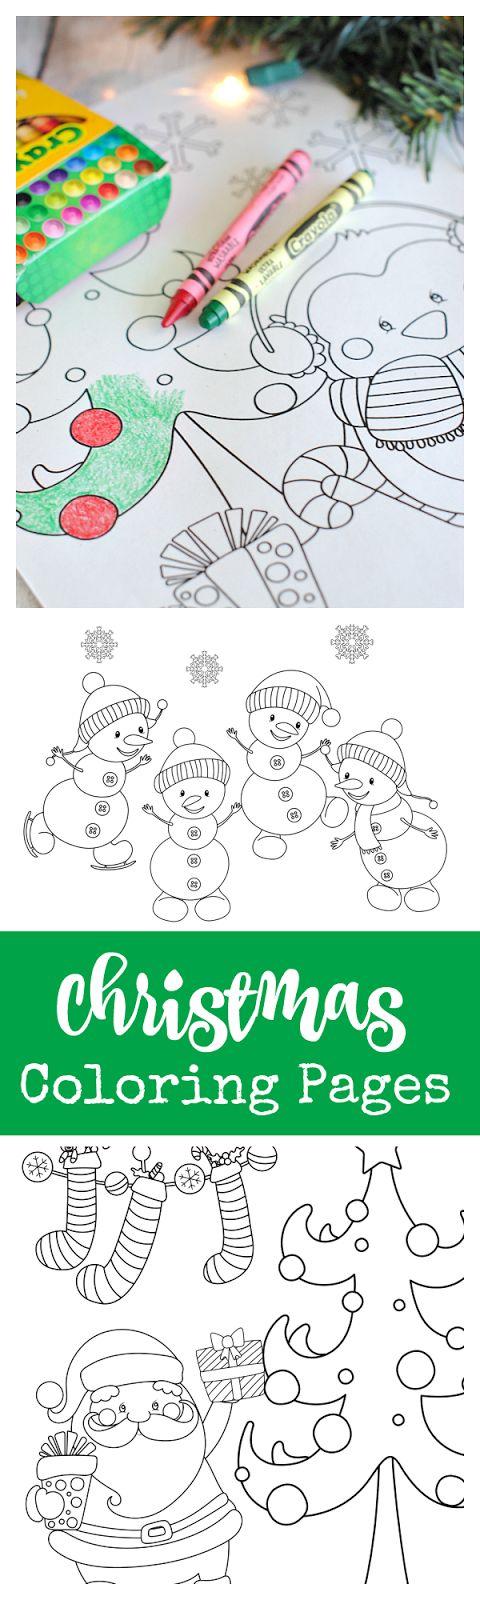 actividades de navidad para nios imprimibles de navidad navidad christmas crafts